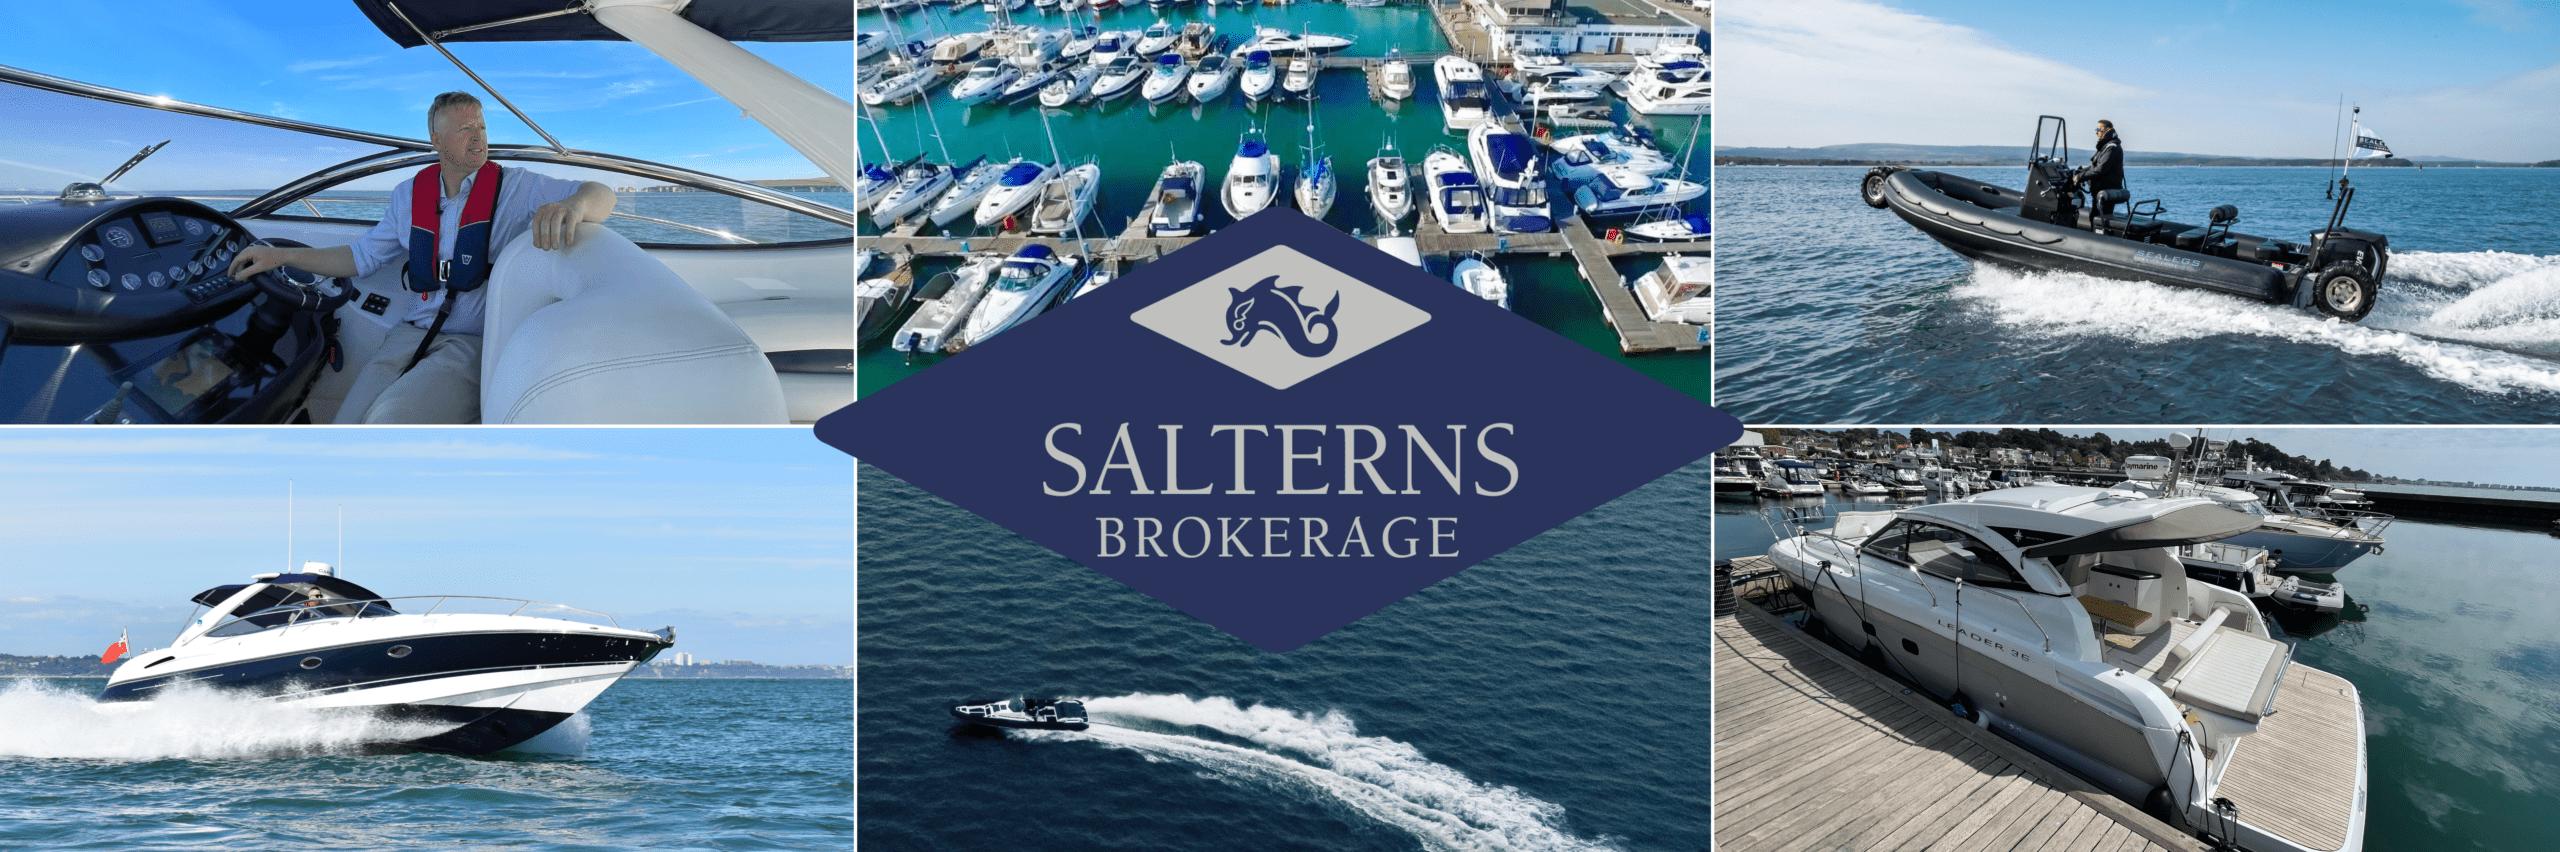 salterns brokerage